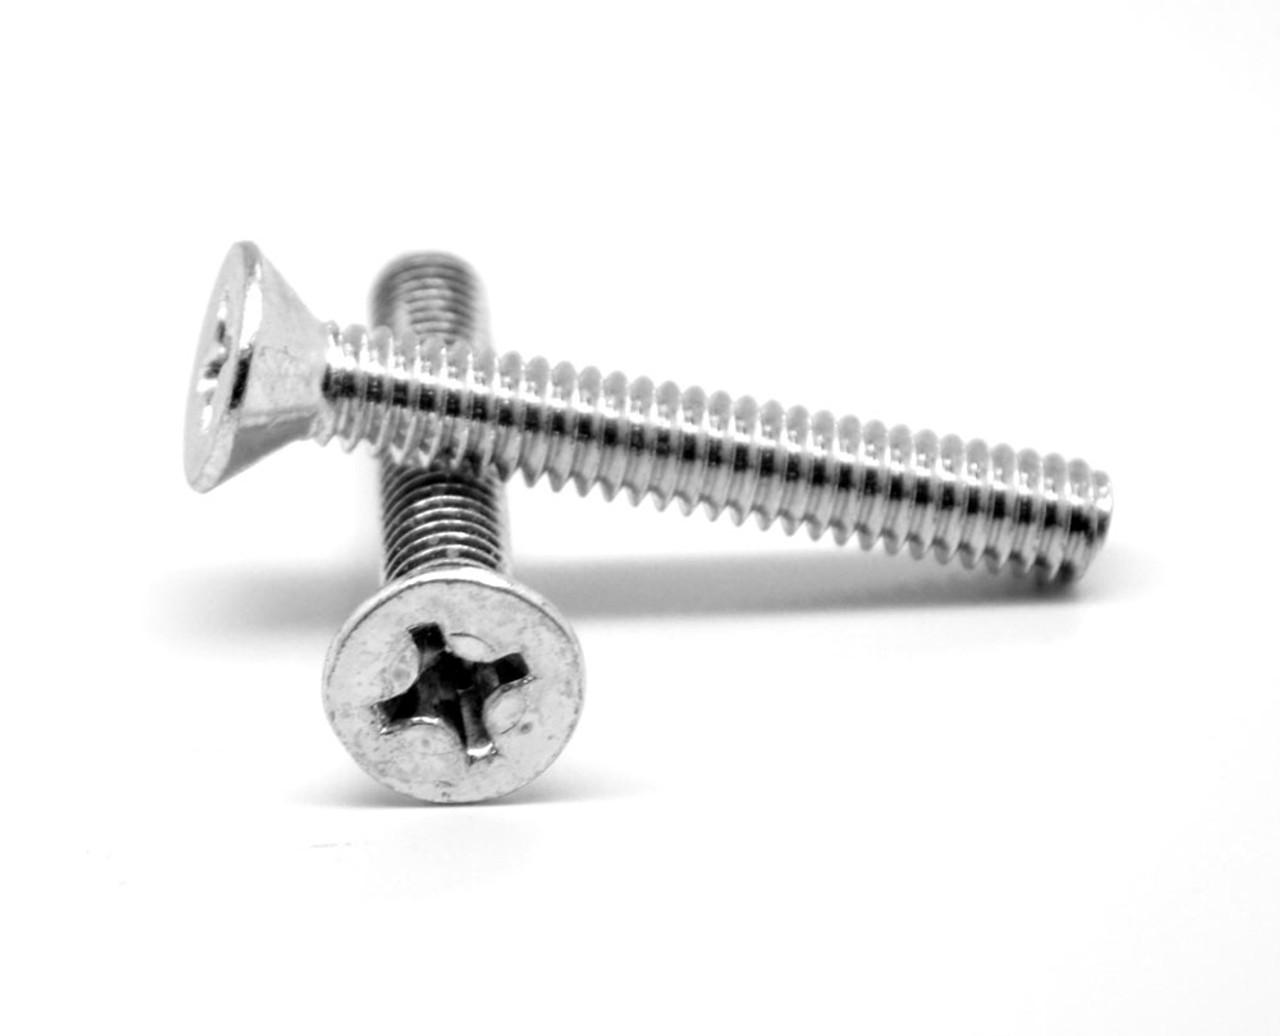 #0-80 x 3/8 Fine Thread Machine Screw Phillips Flat Head Stainless Steel 18-8